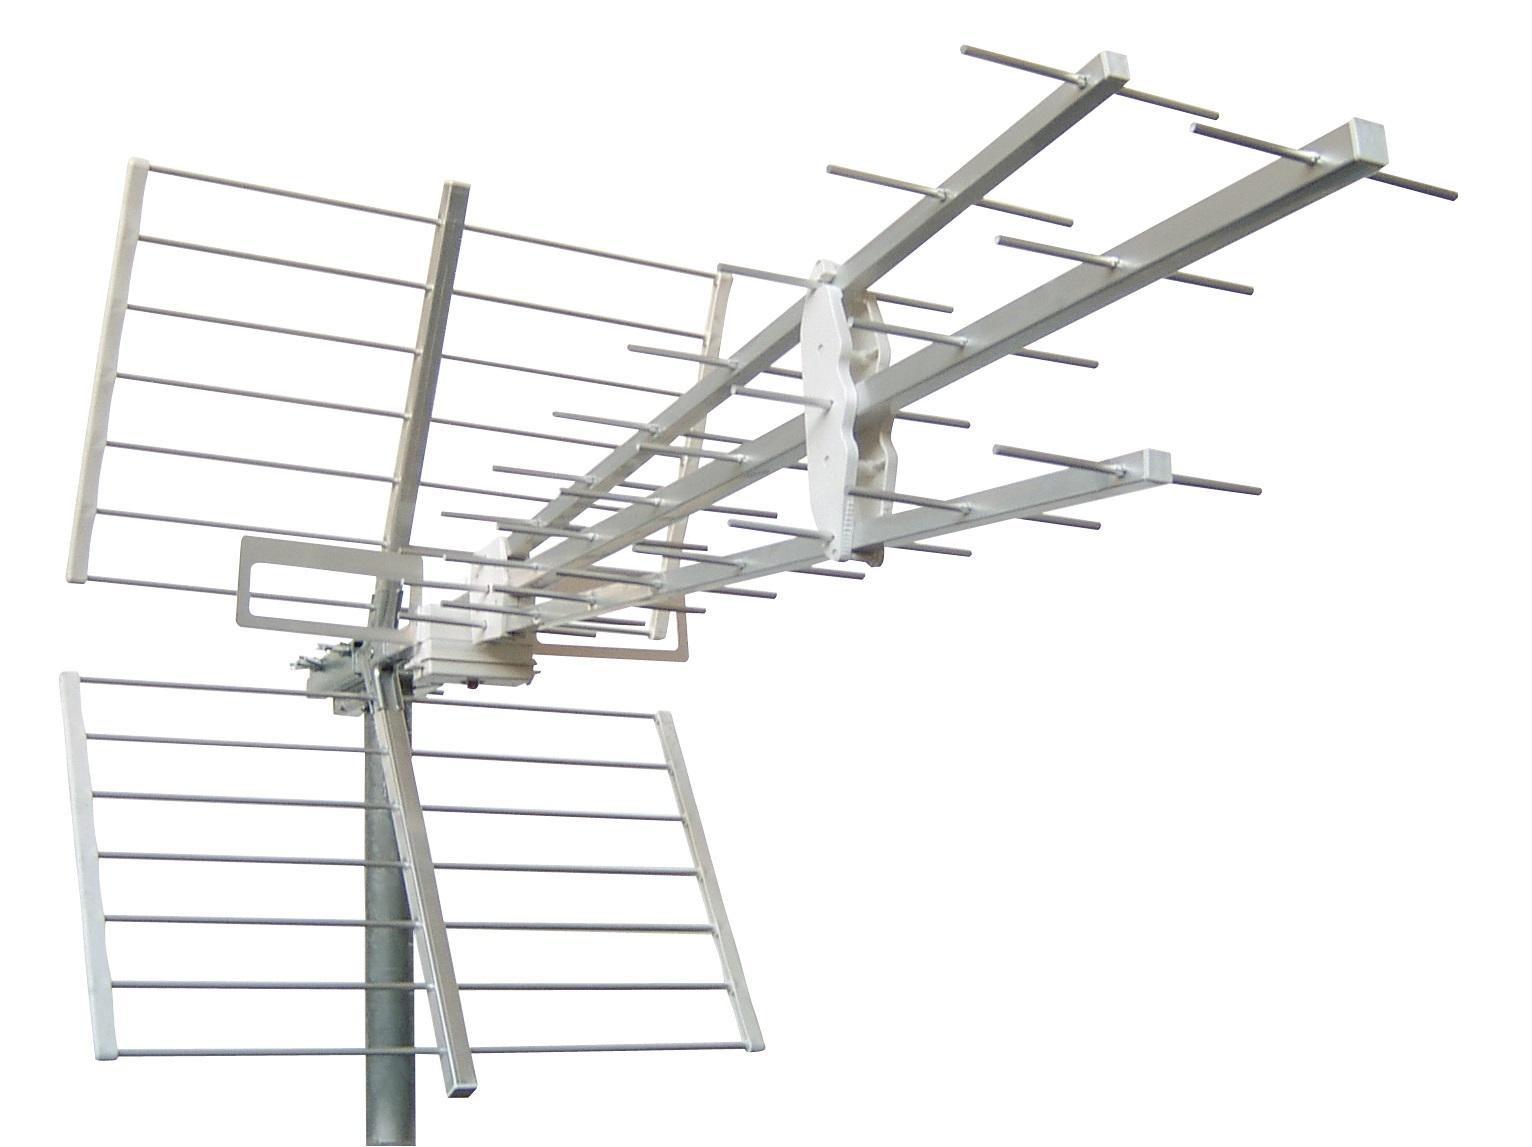 1 Stk DVB-T/ UHF-Breitband Antenne,Korrosionsschutz,F,K. 21-60,Alu HSATATT11A